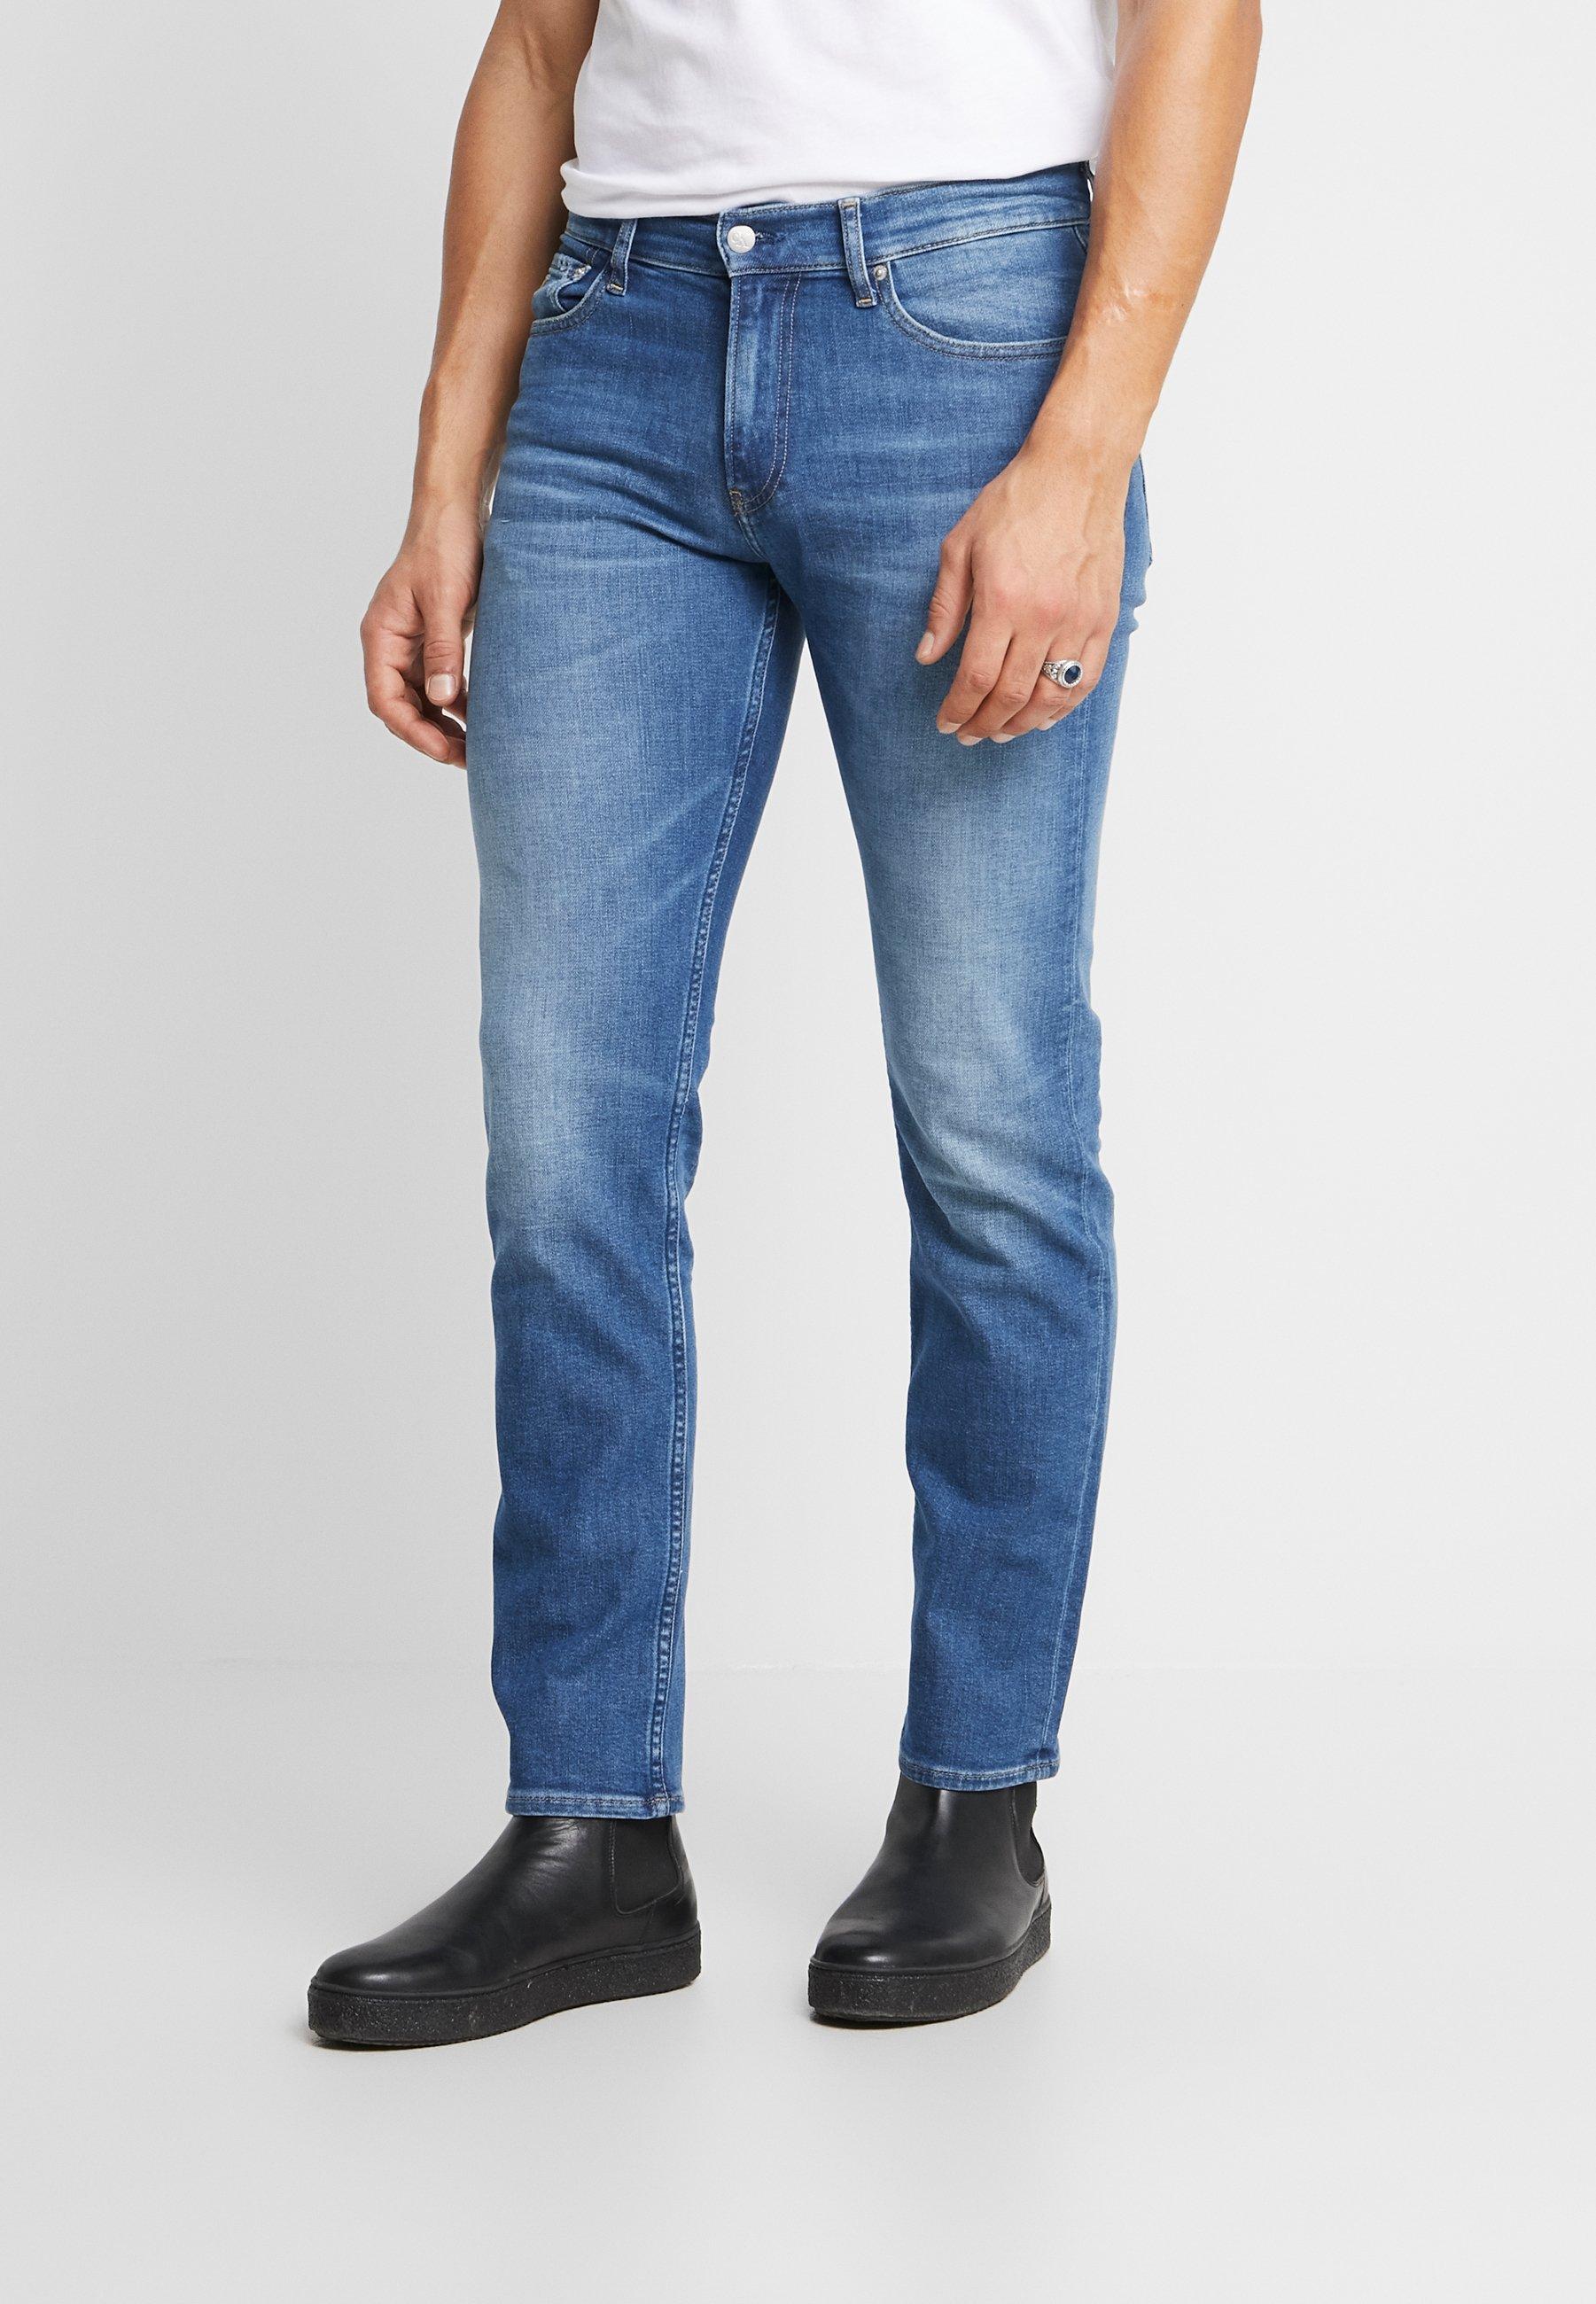 Iso Alennus Miesten vaatteet Sarja dfKJIUp97454sfGHYHD Calvin Klein Jeans 035 STRAIGHT Straight leg -farkut 061 bright blue